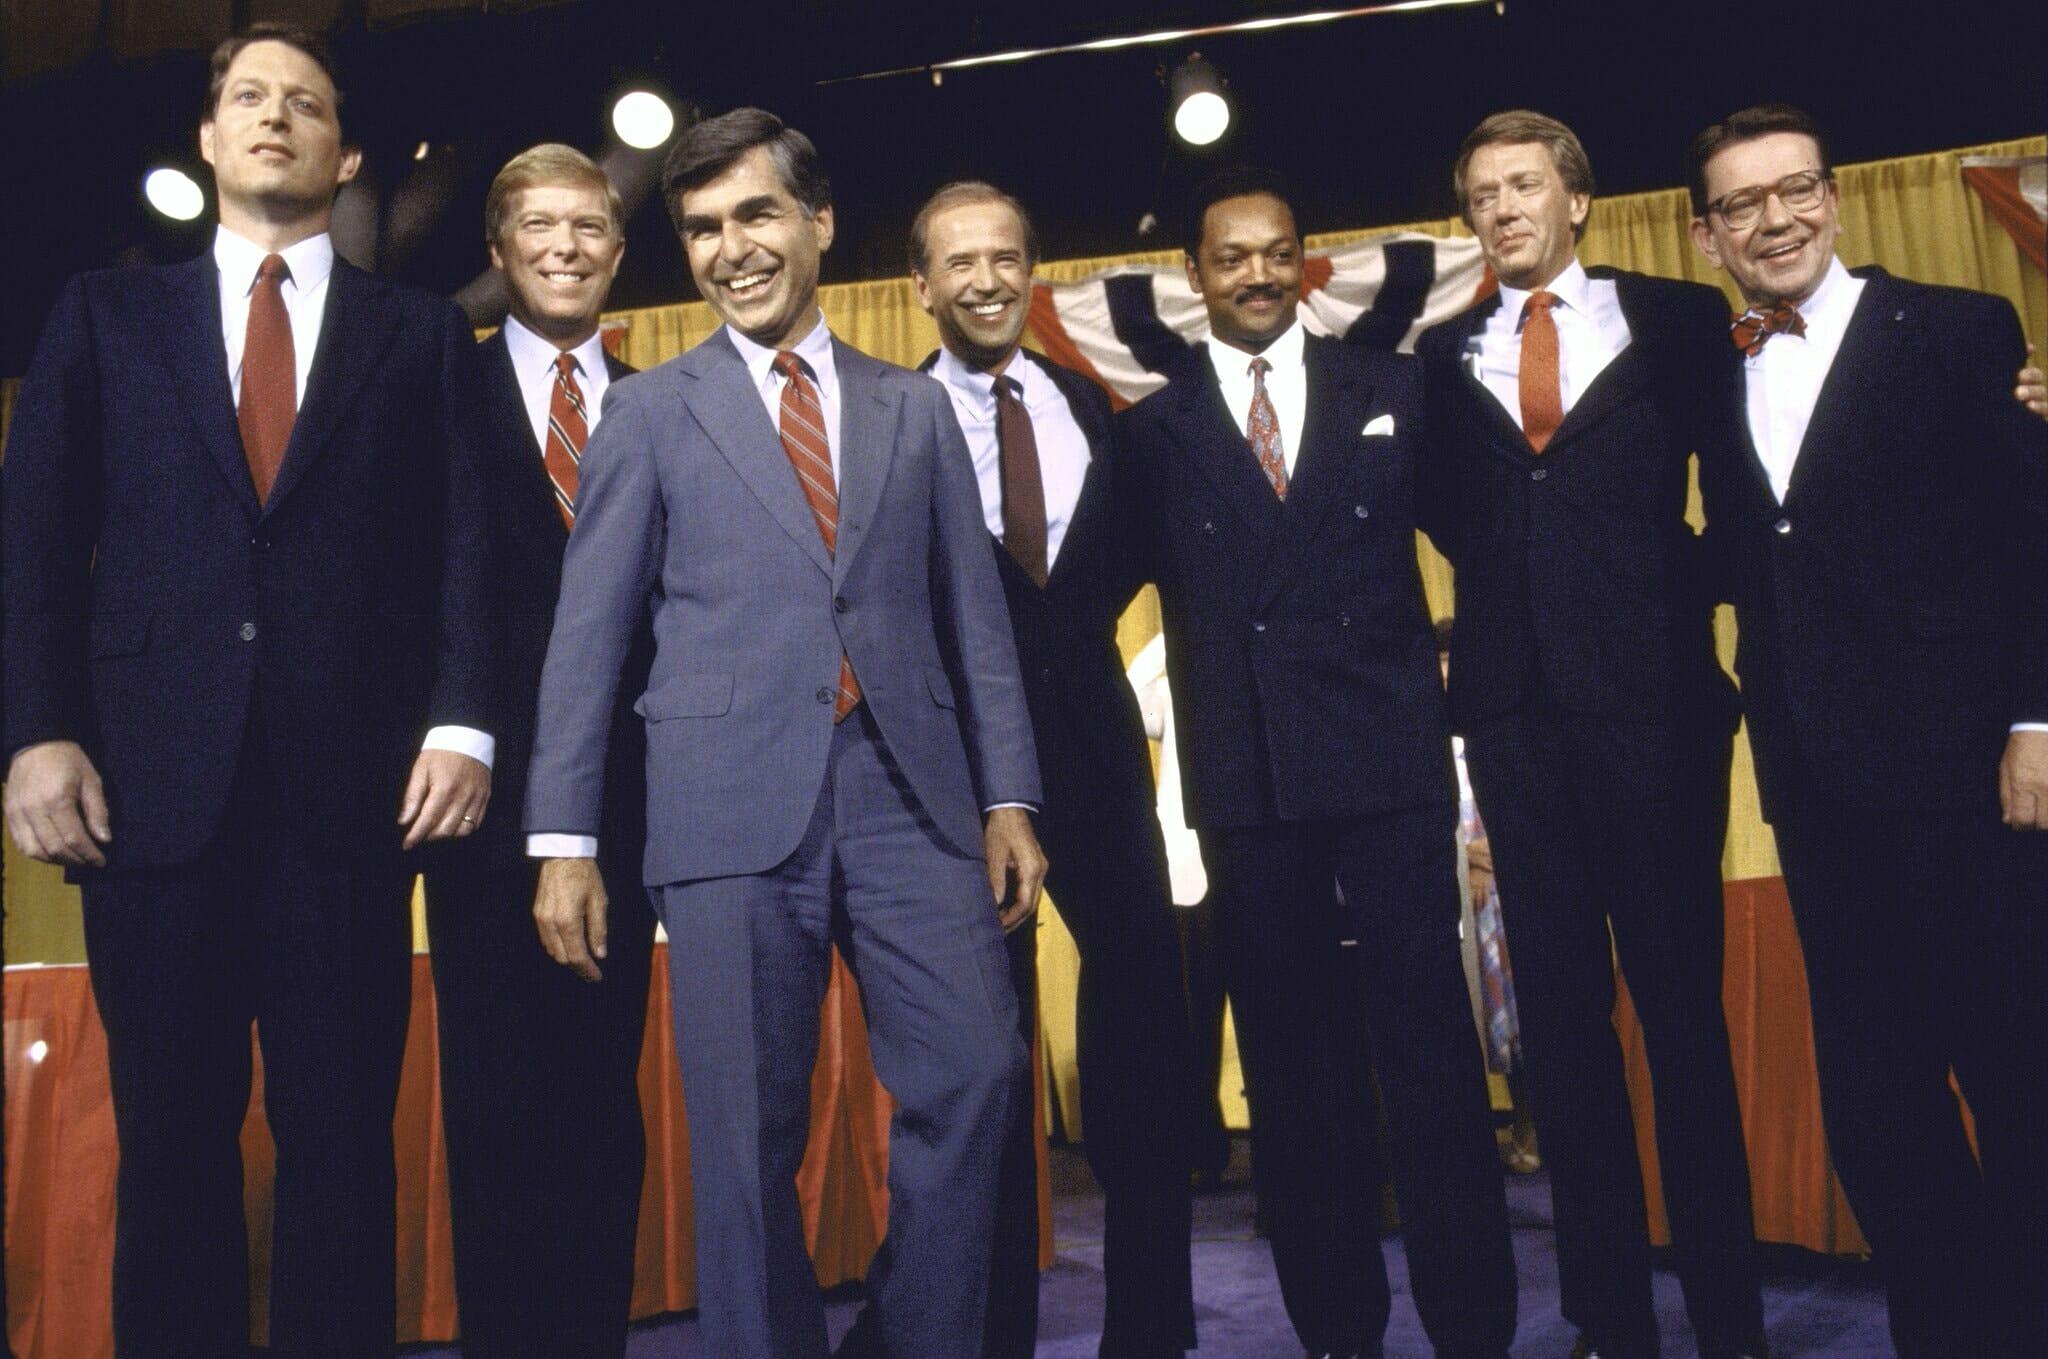 Politicians Blue Suits